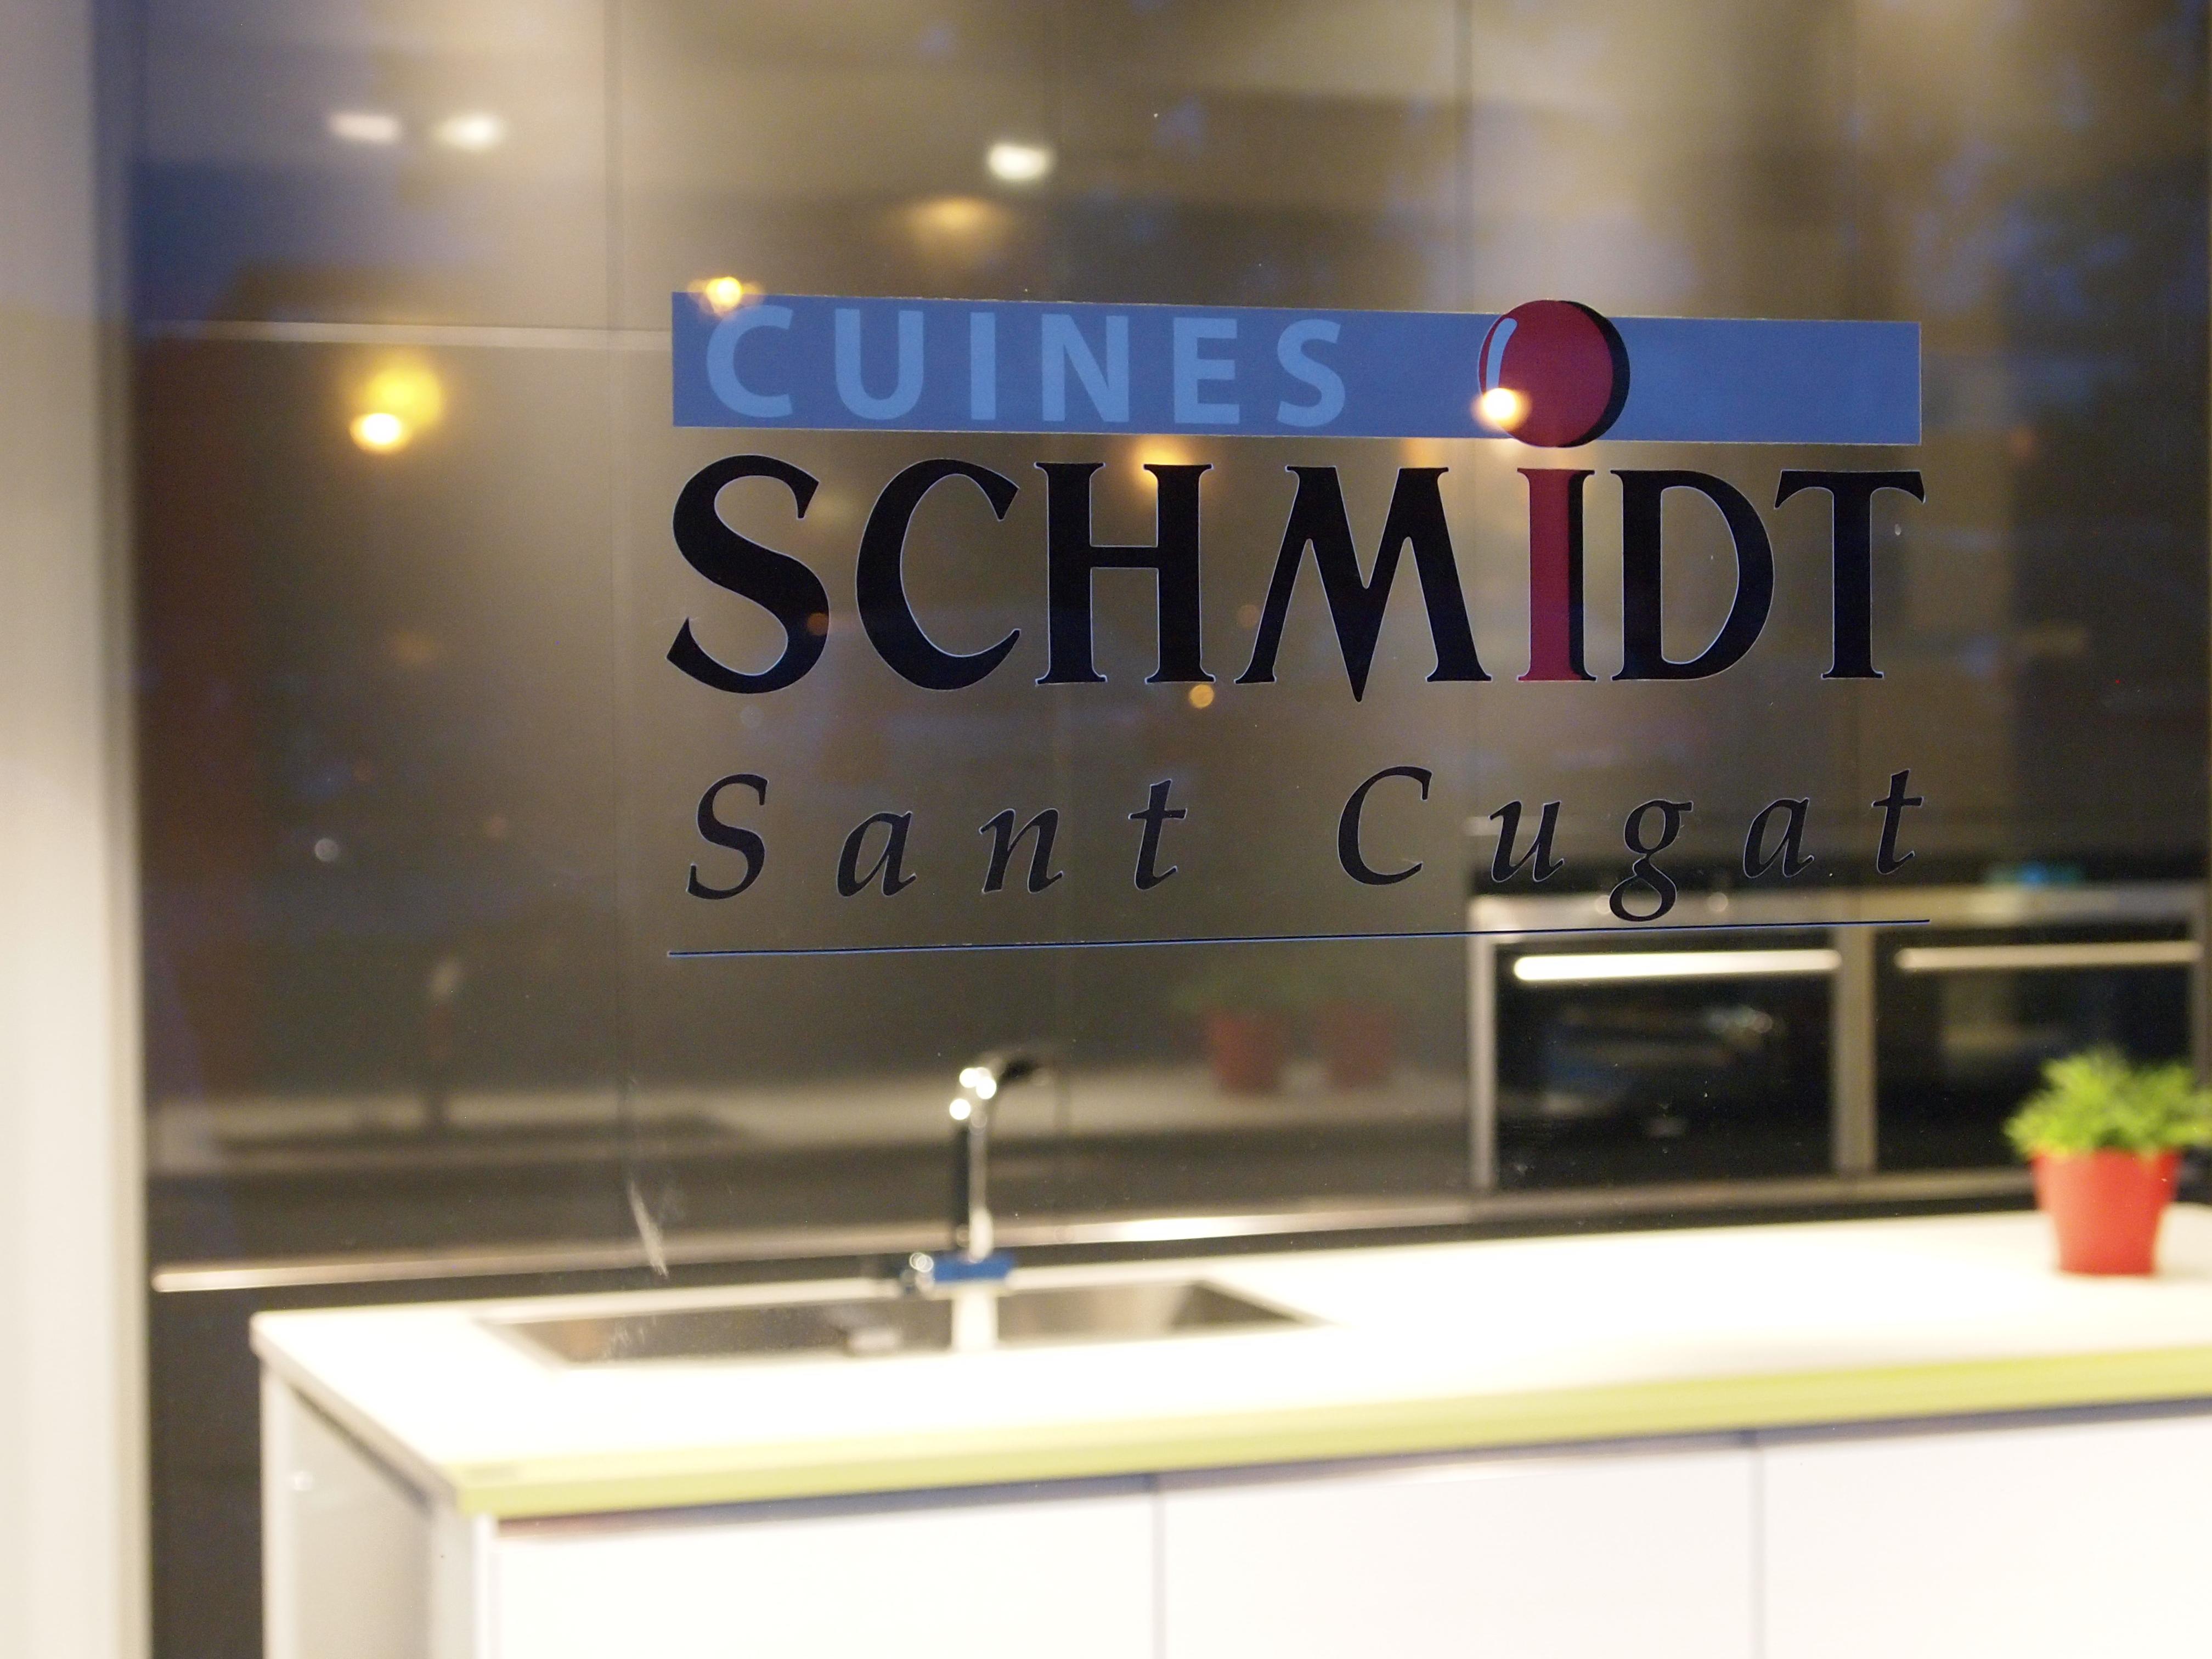 Su tienda schmidt sant cugat del valles barcelona - Muebles sant cugat ...